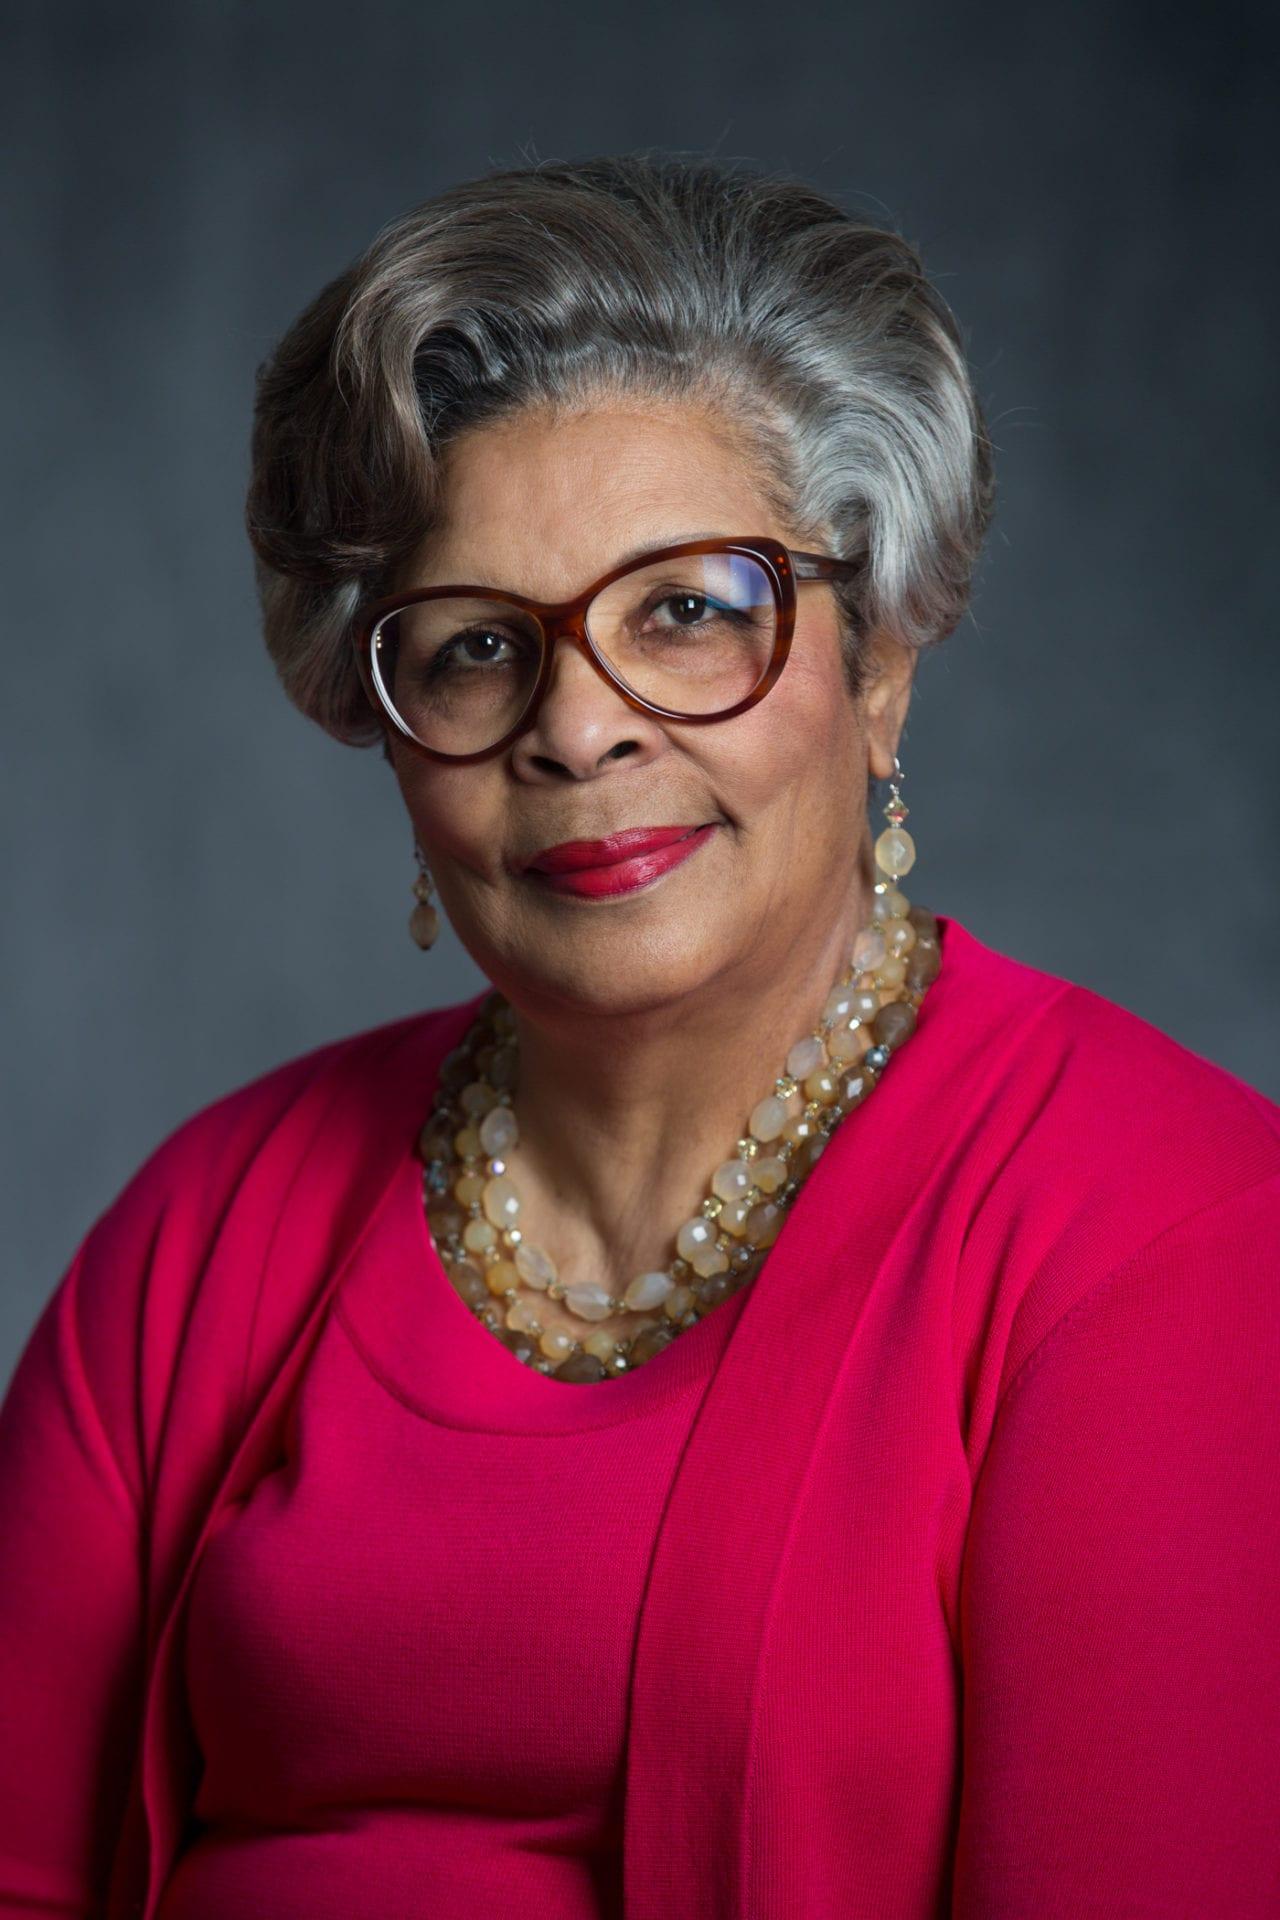 State Representative Senfronia Thompson